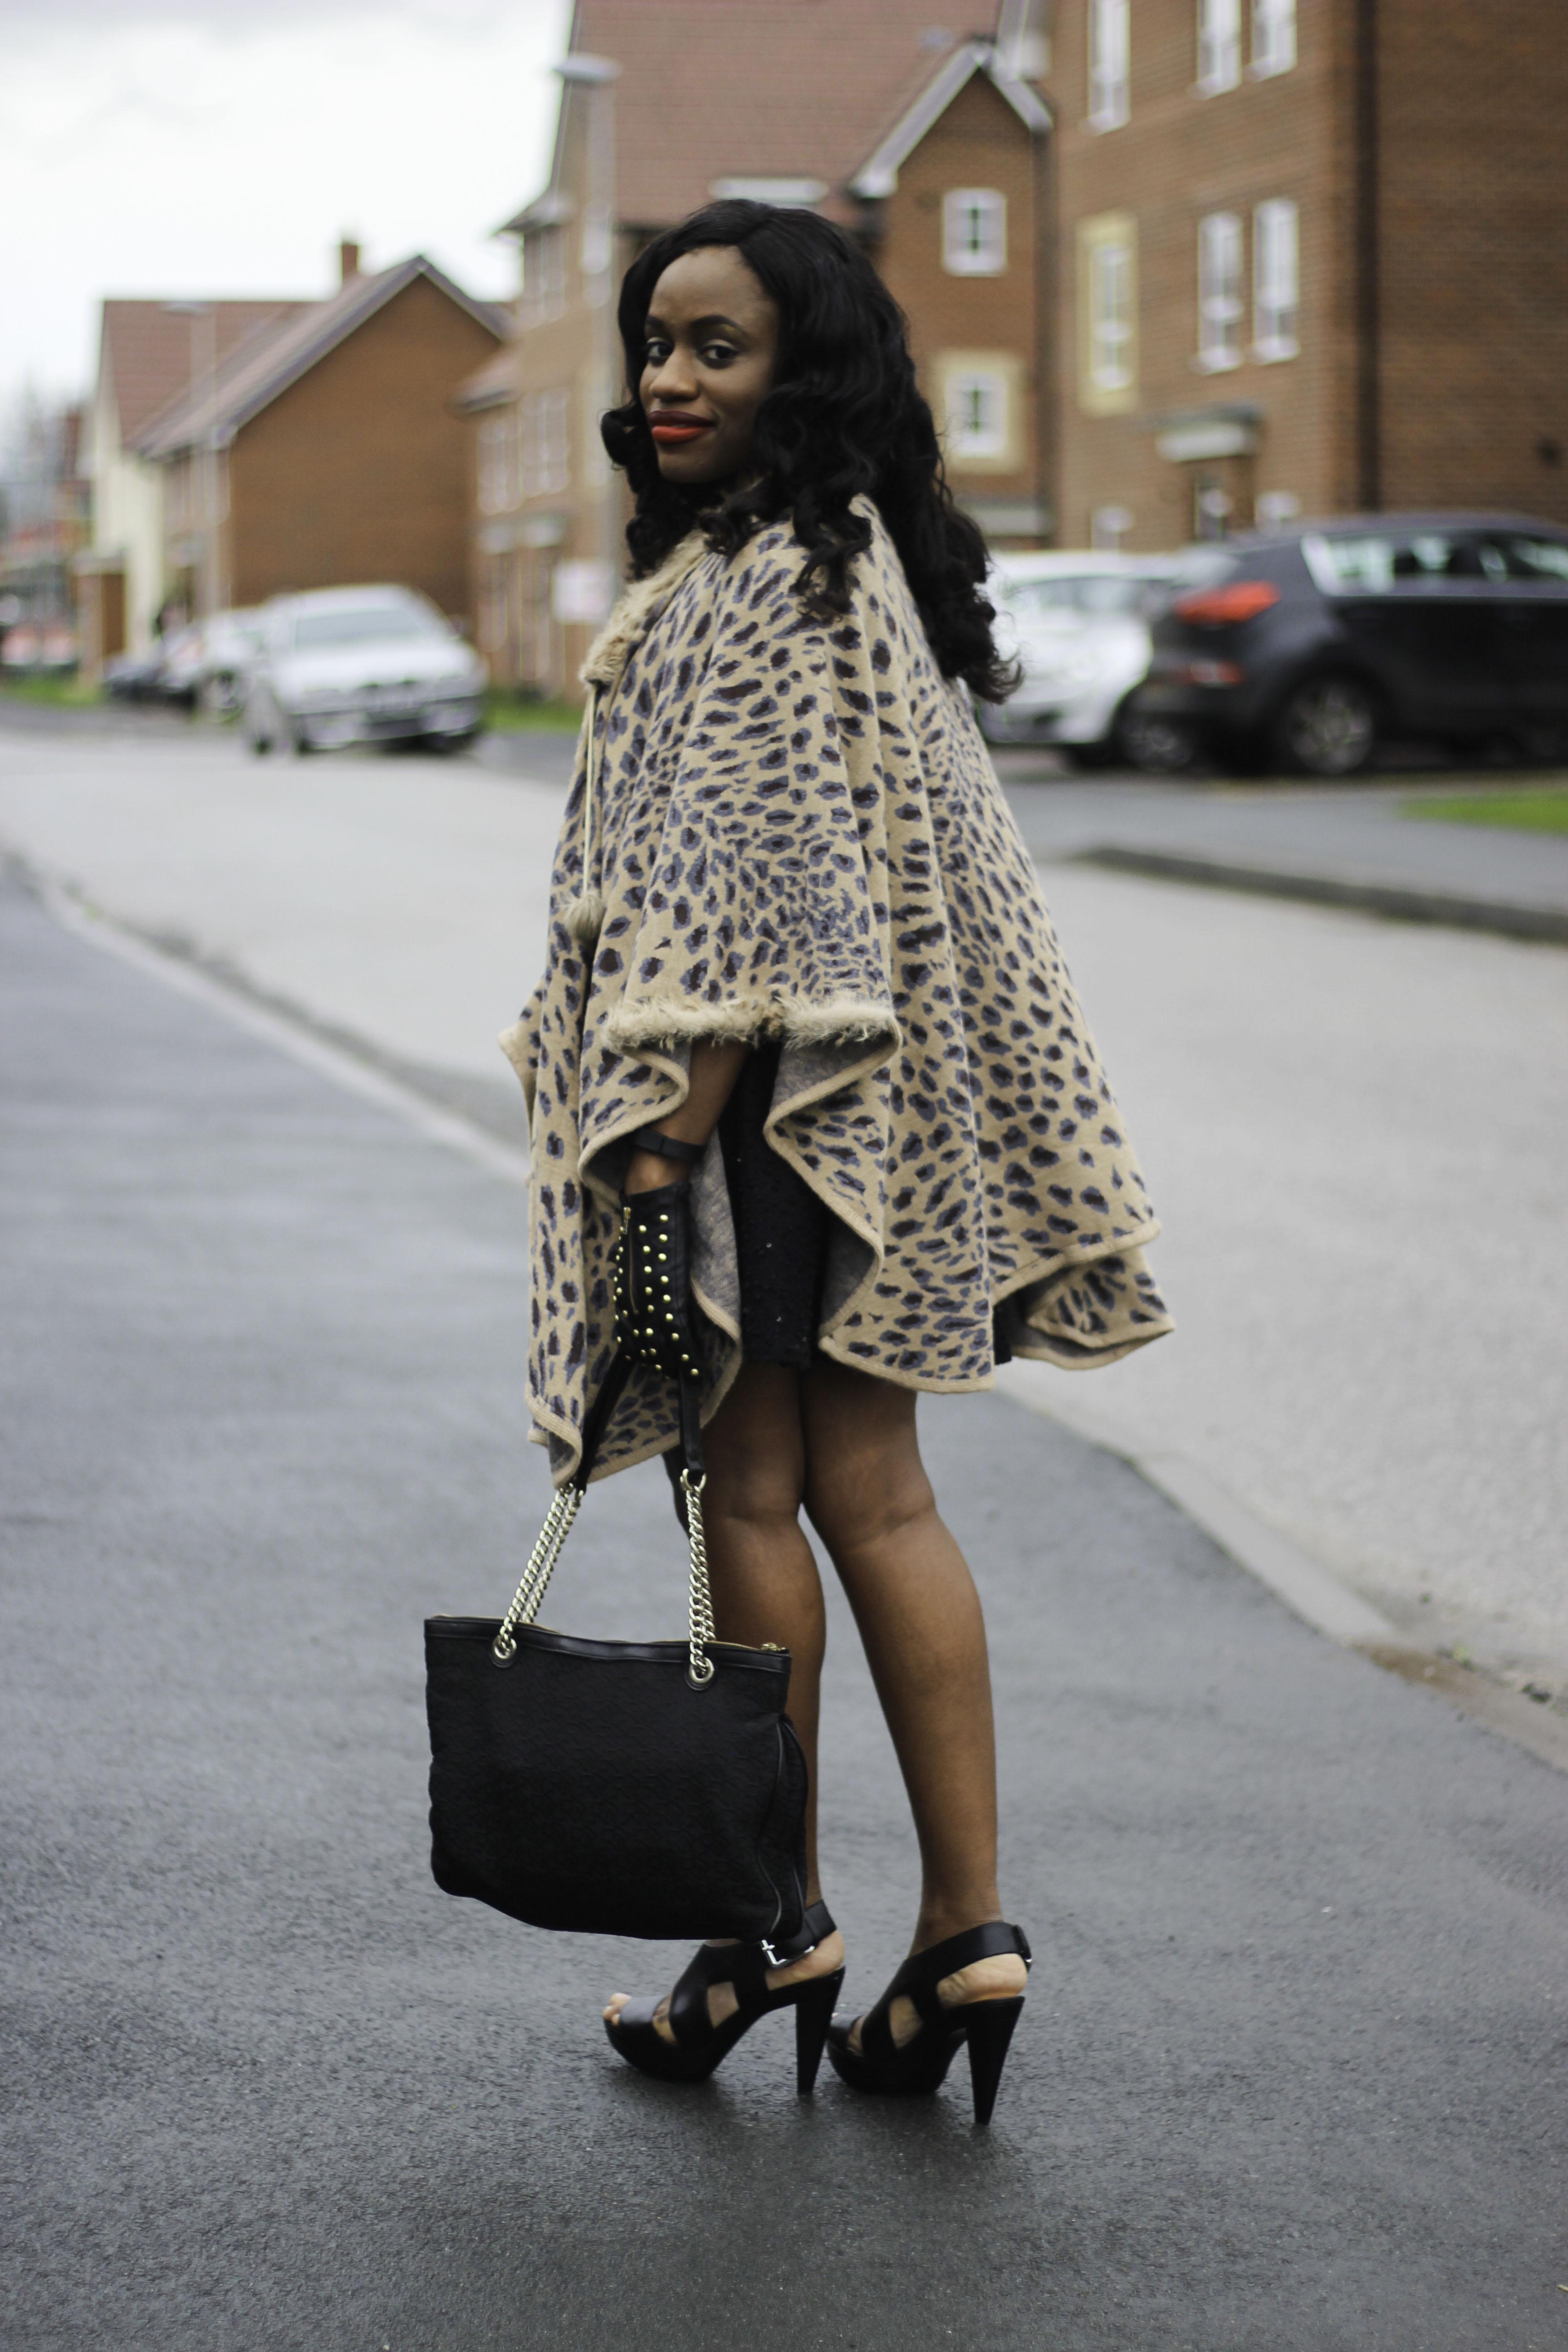 Face fashion faux pas Sophie Monk jokes about suffering a fashion faux pas